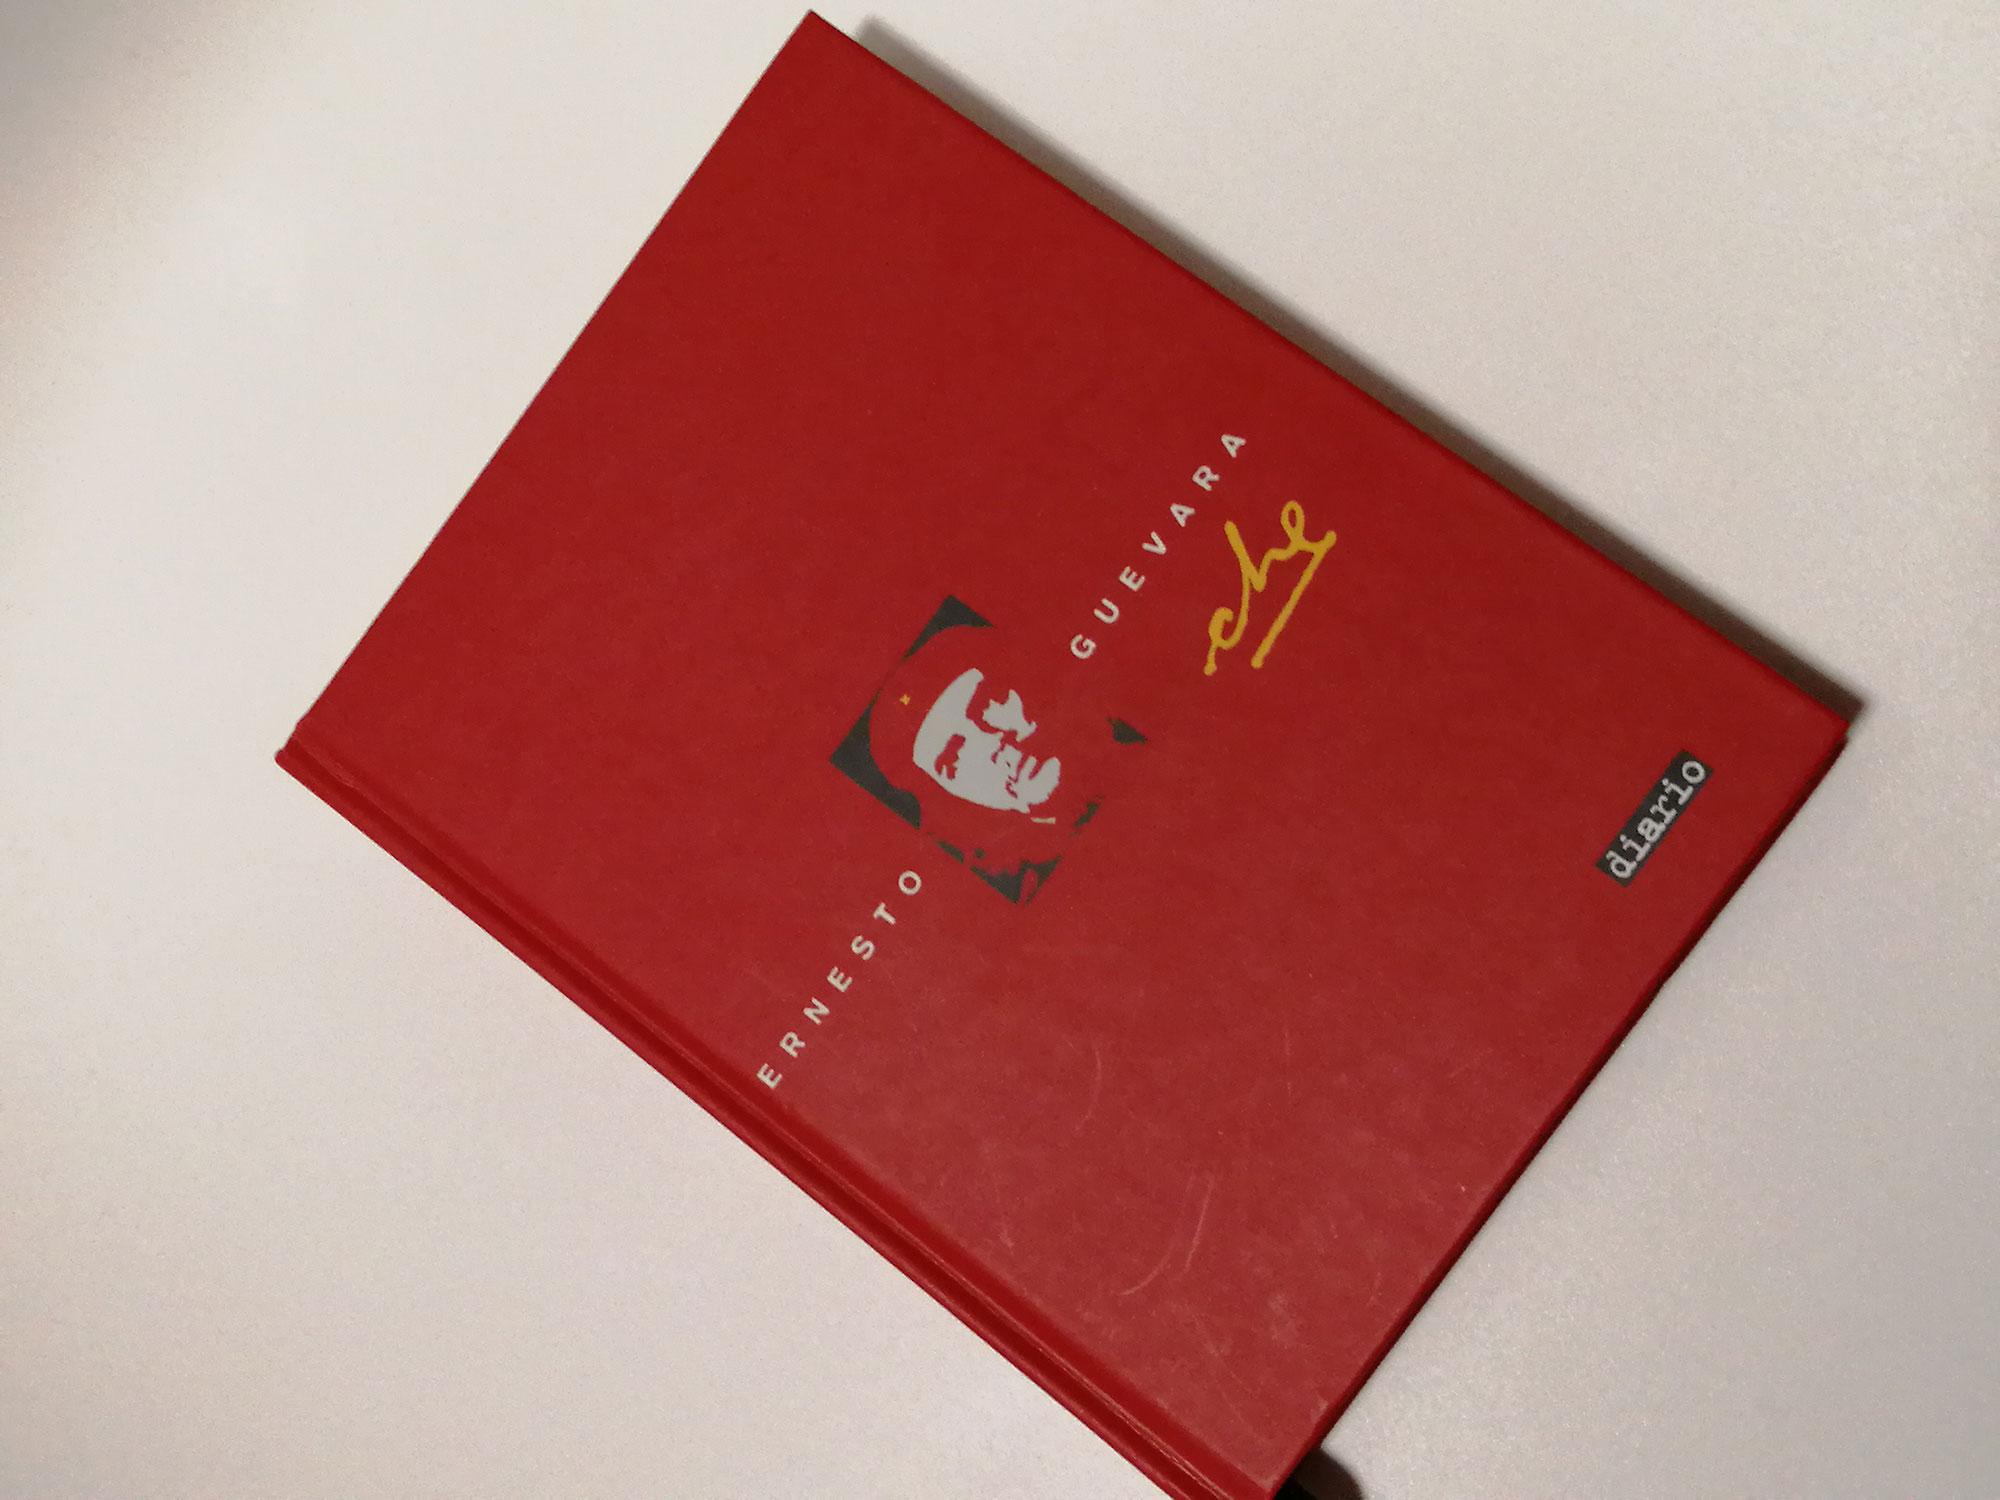 Il Diario Rosso di Che Guevara presso il Museo del Comunismo di Matera